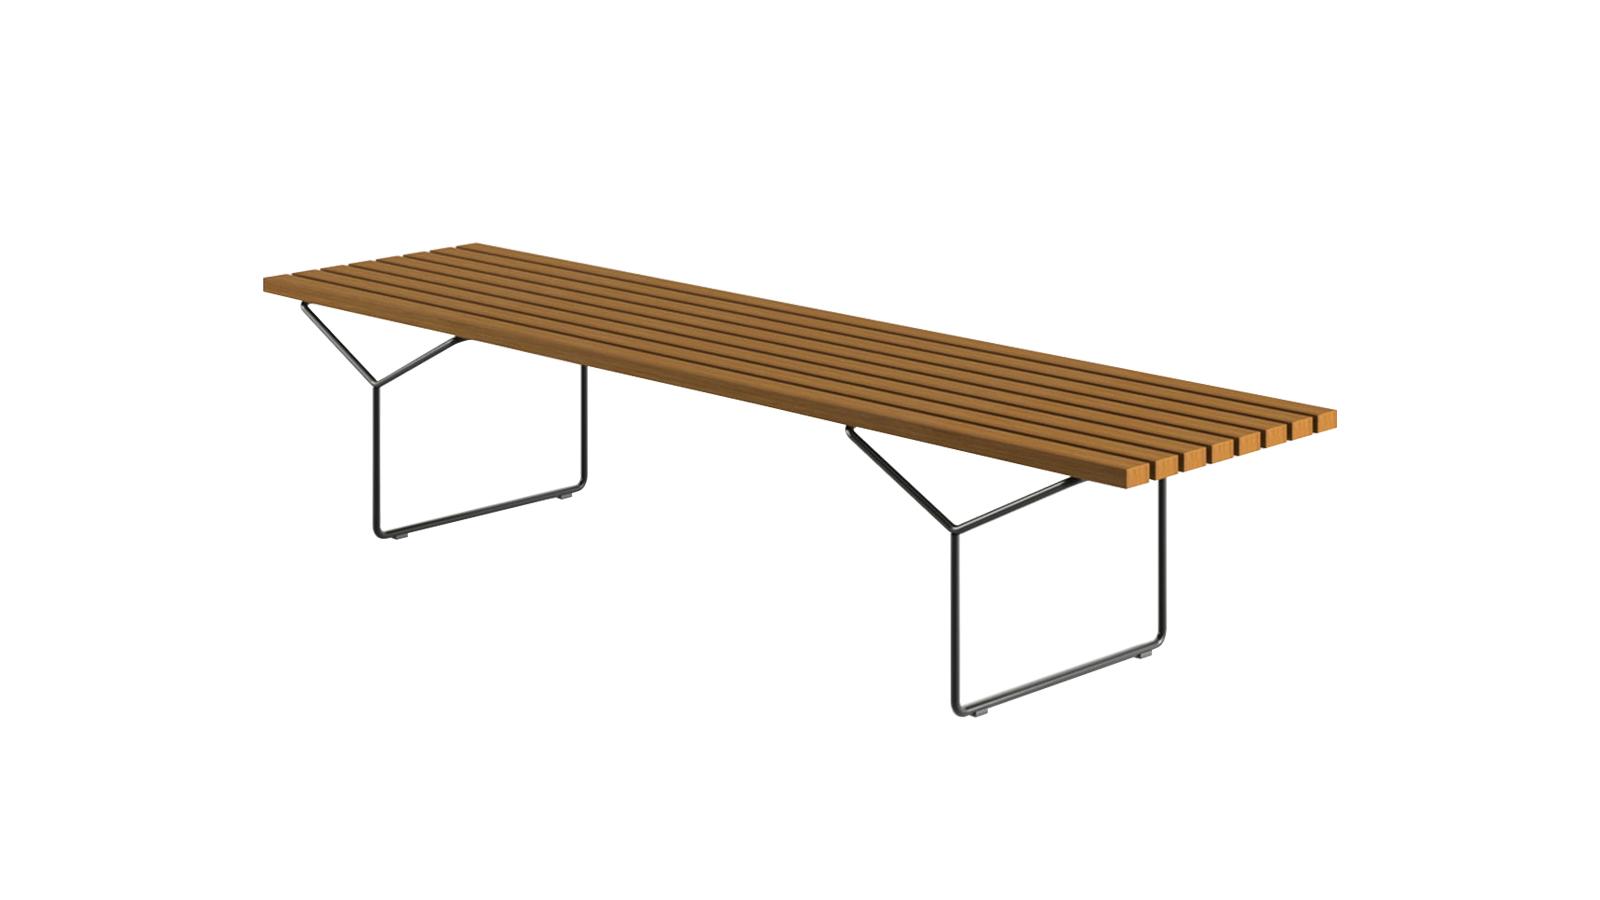 Harry Bertoia népszerű alkotása 1962 óta szerepel a Knoll kínálatában. A teakfa ülőfelület, valamint a kültéri használatra kifejlesztett, háromféle színben elérhető lábazat eme elegáns kombinációja ülőbútorként és rakodófelületként is használható, így tökéletes társunk lehet a kertben vagy teraszon töltött időben.